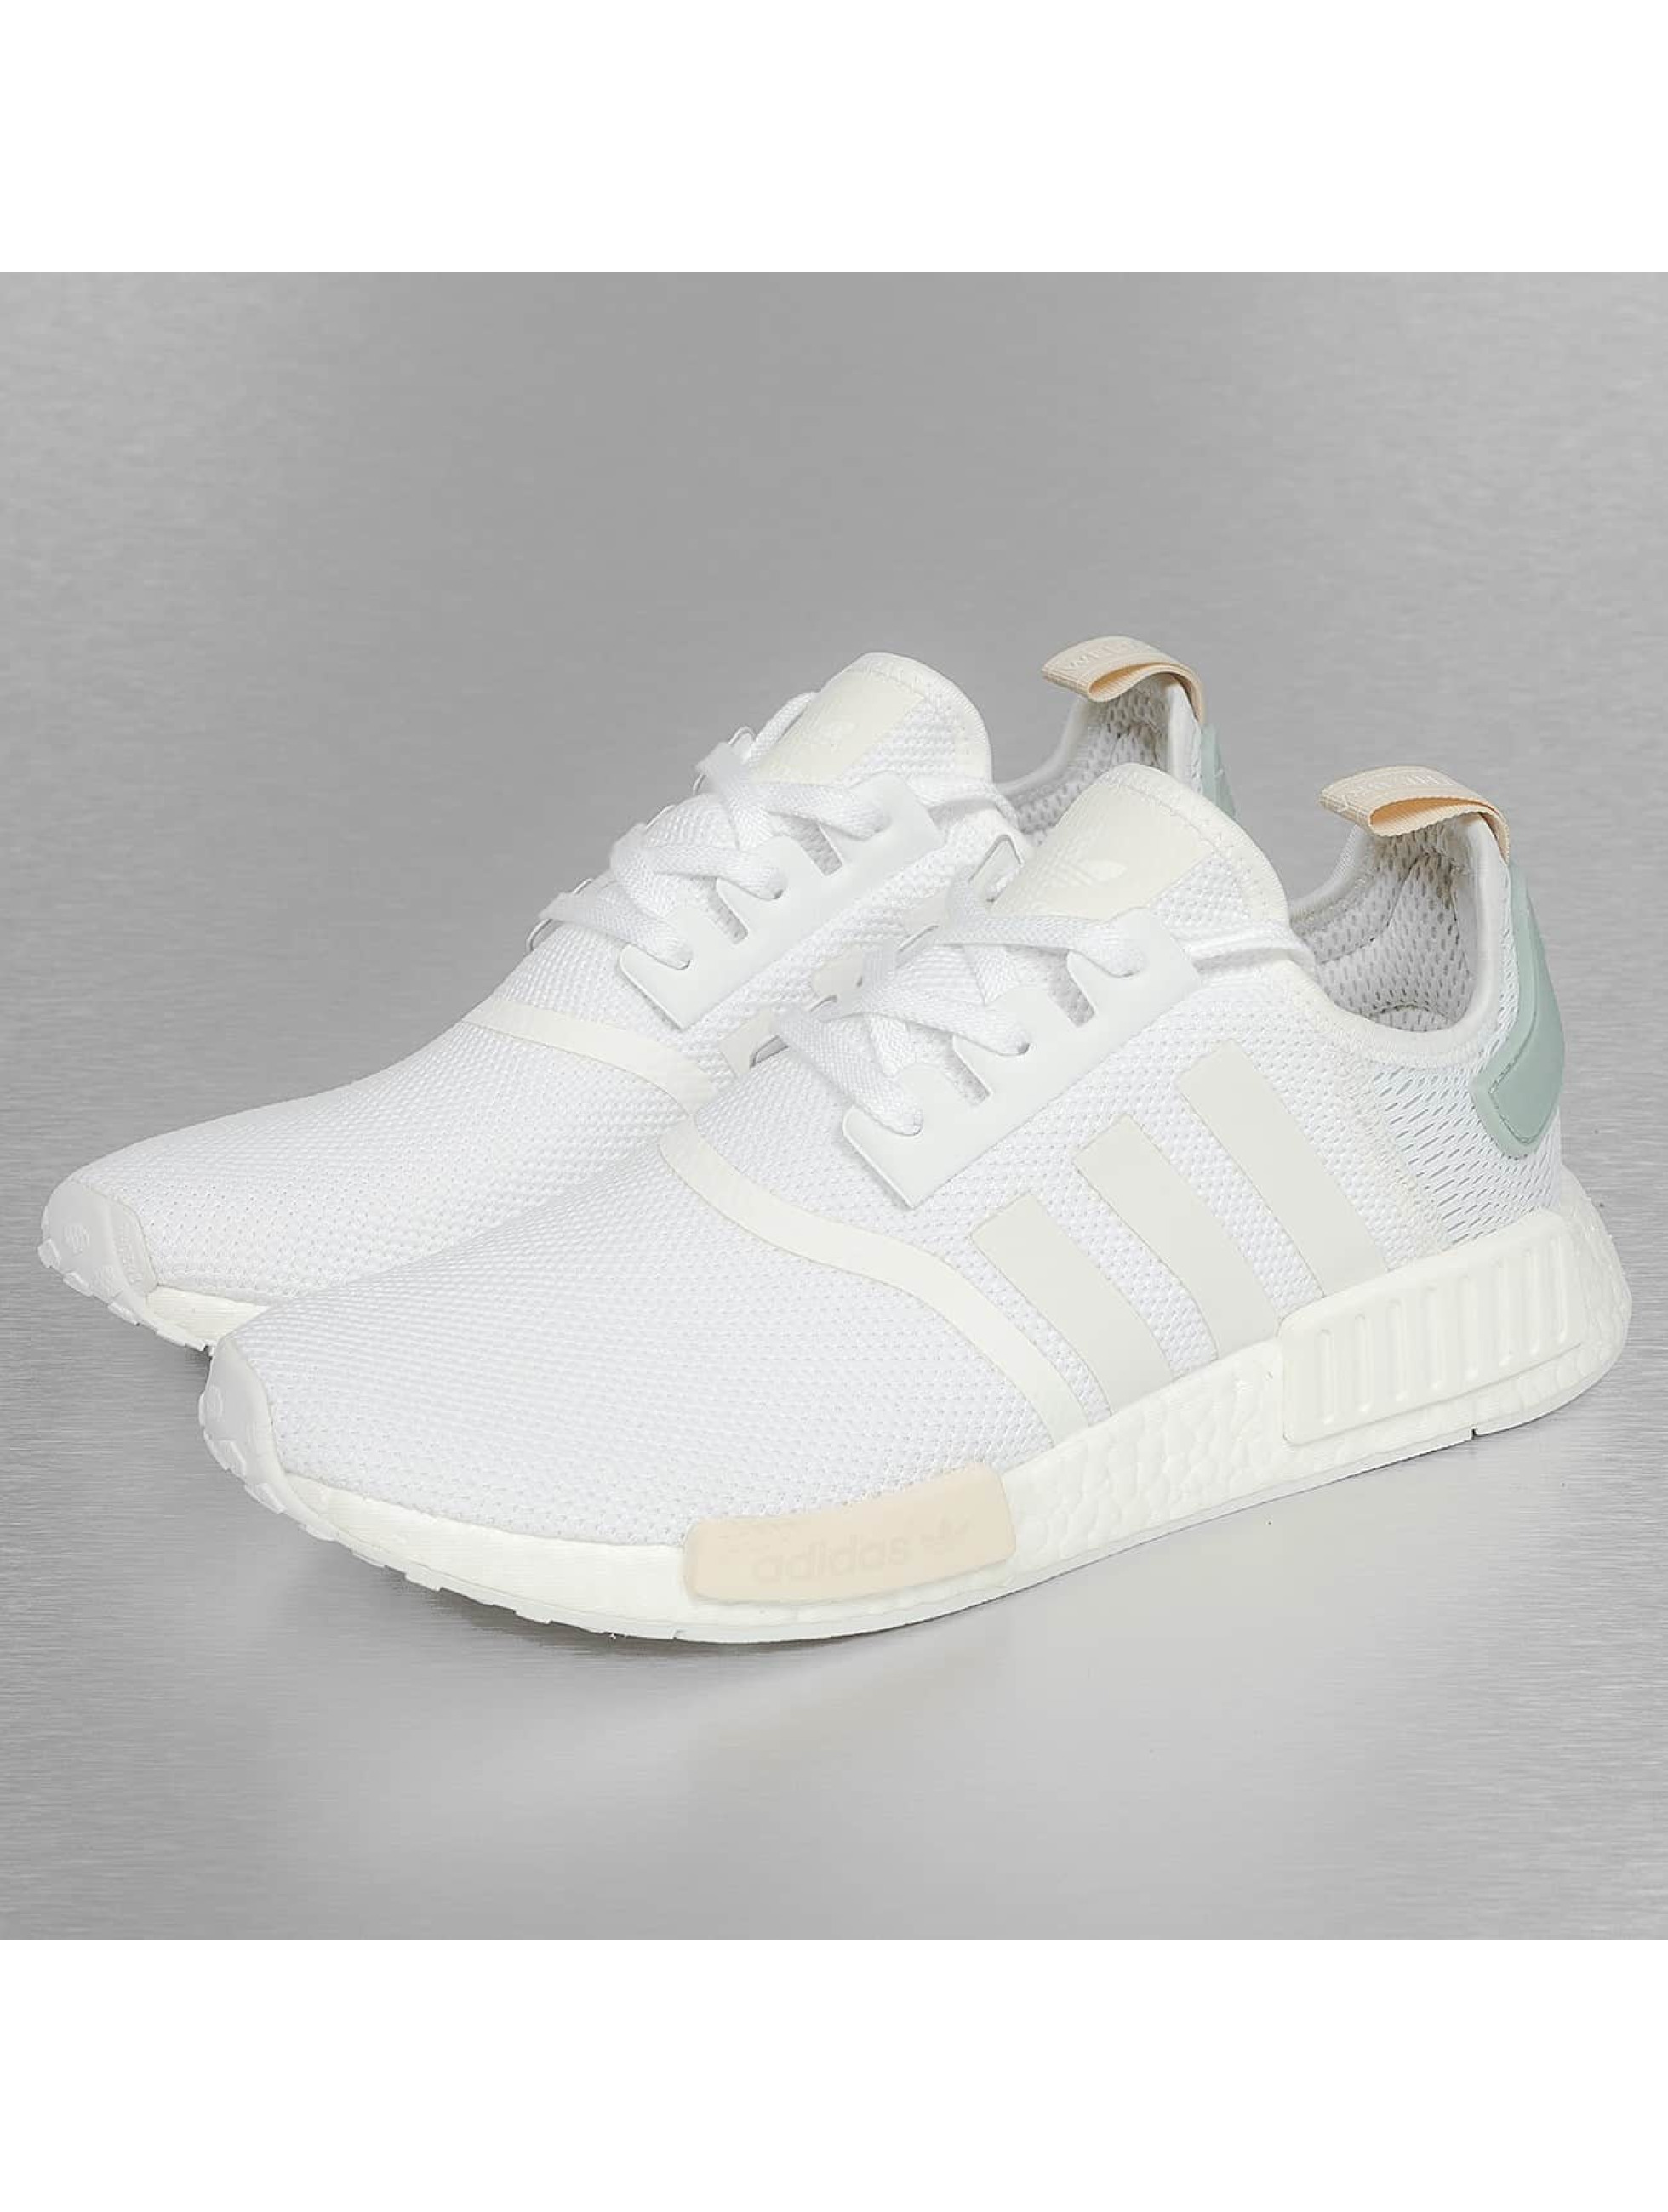 adidas Chaussures / Baskets NMD R1 W en blanc